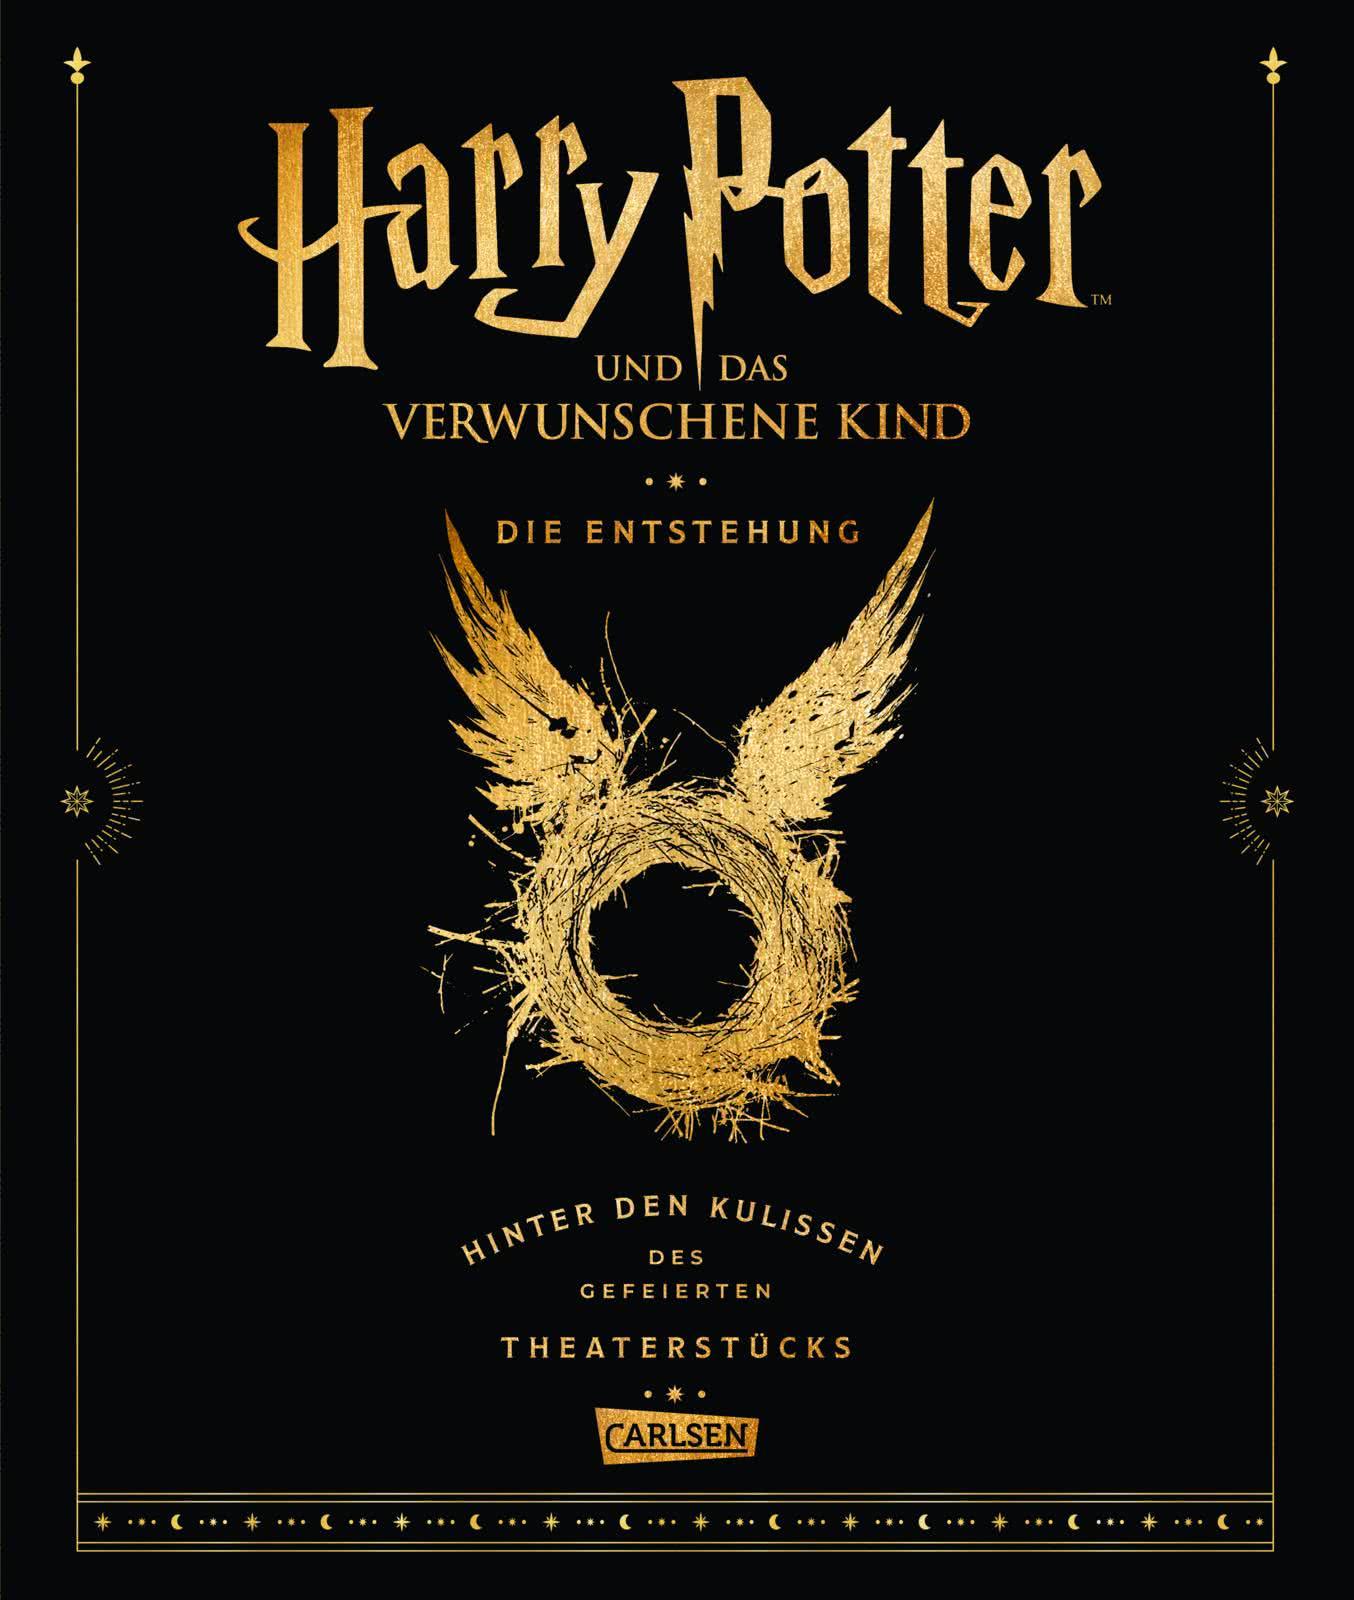 Harry Potter Und Das Verwunschene Kind Die Entstehung Hinter Den Kulissen Des Gefeierten Theaterstucks Carlsen